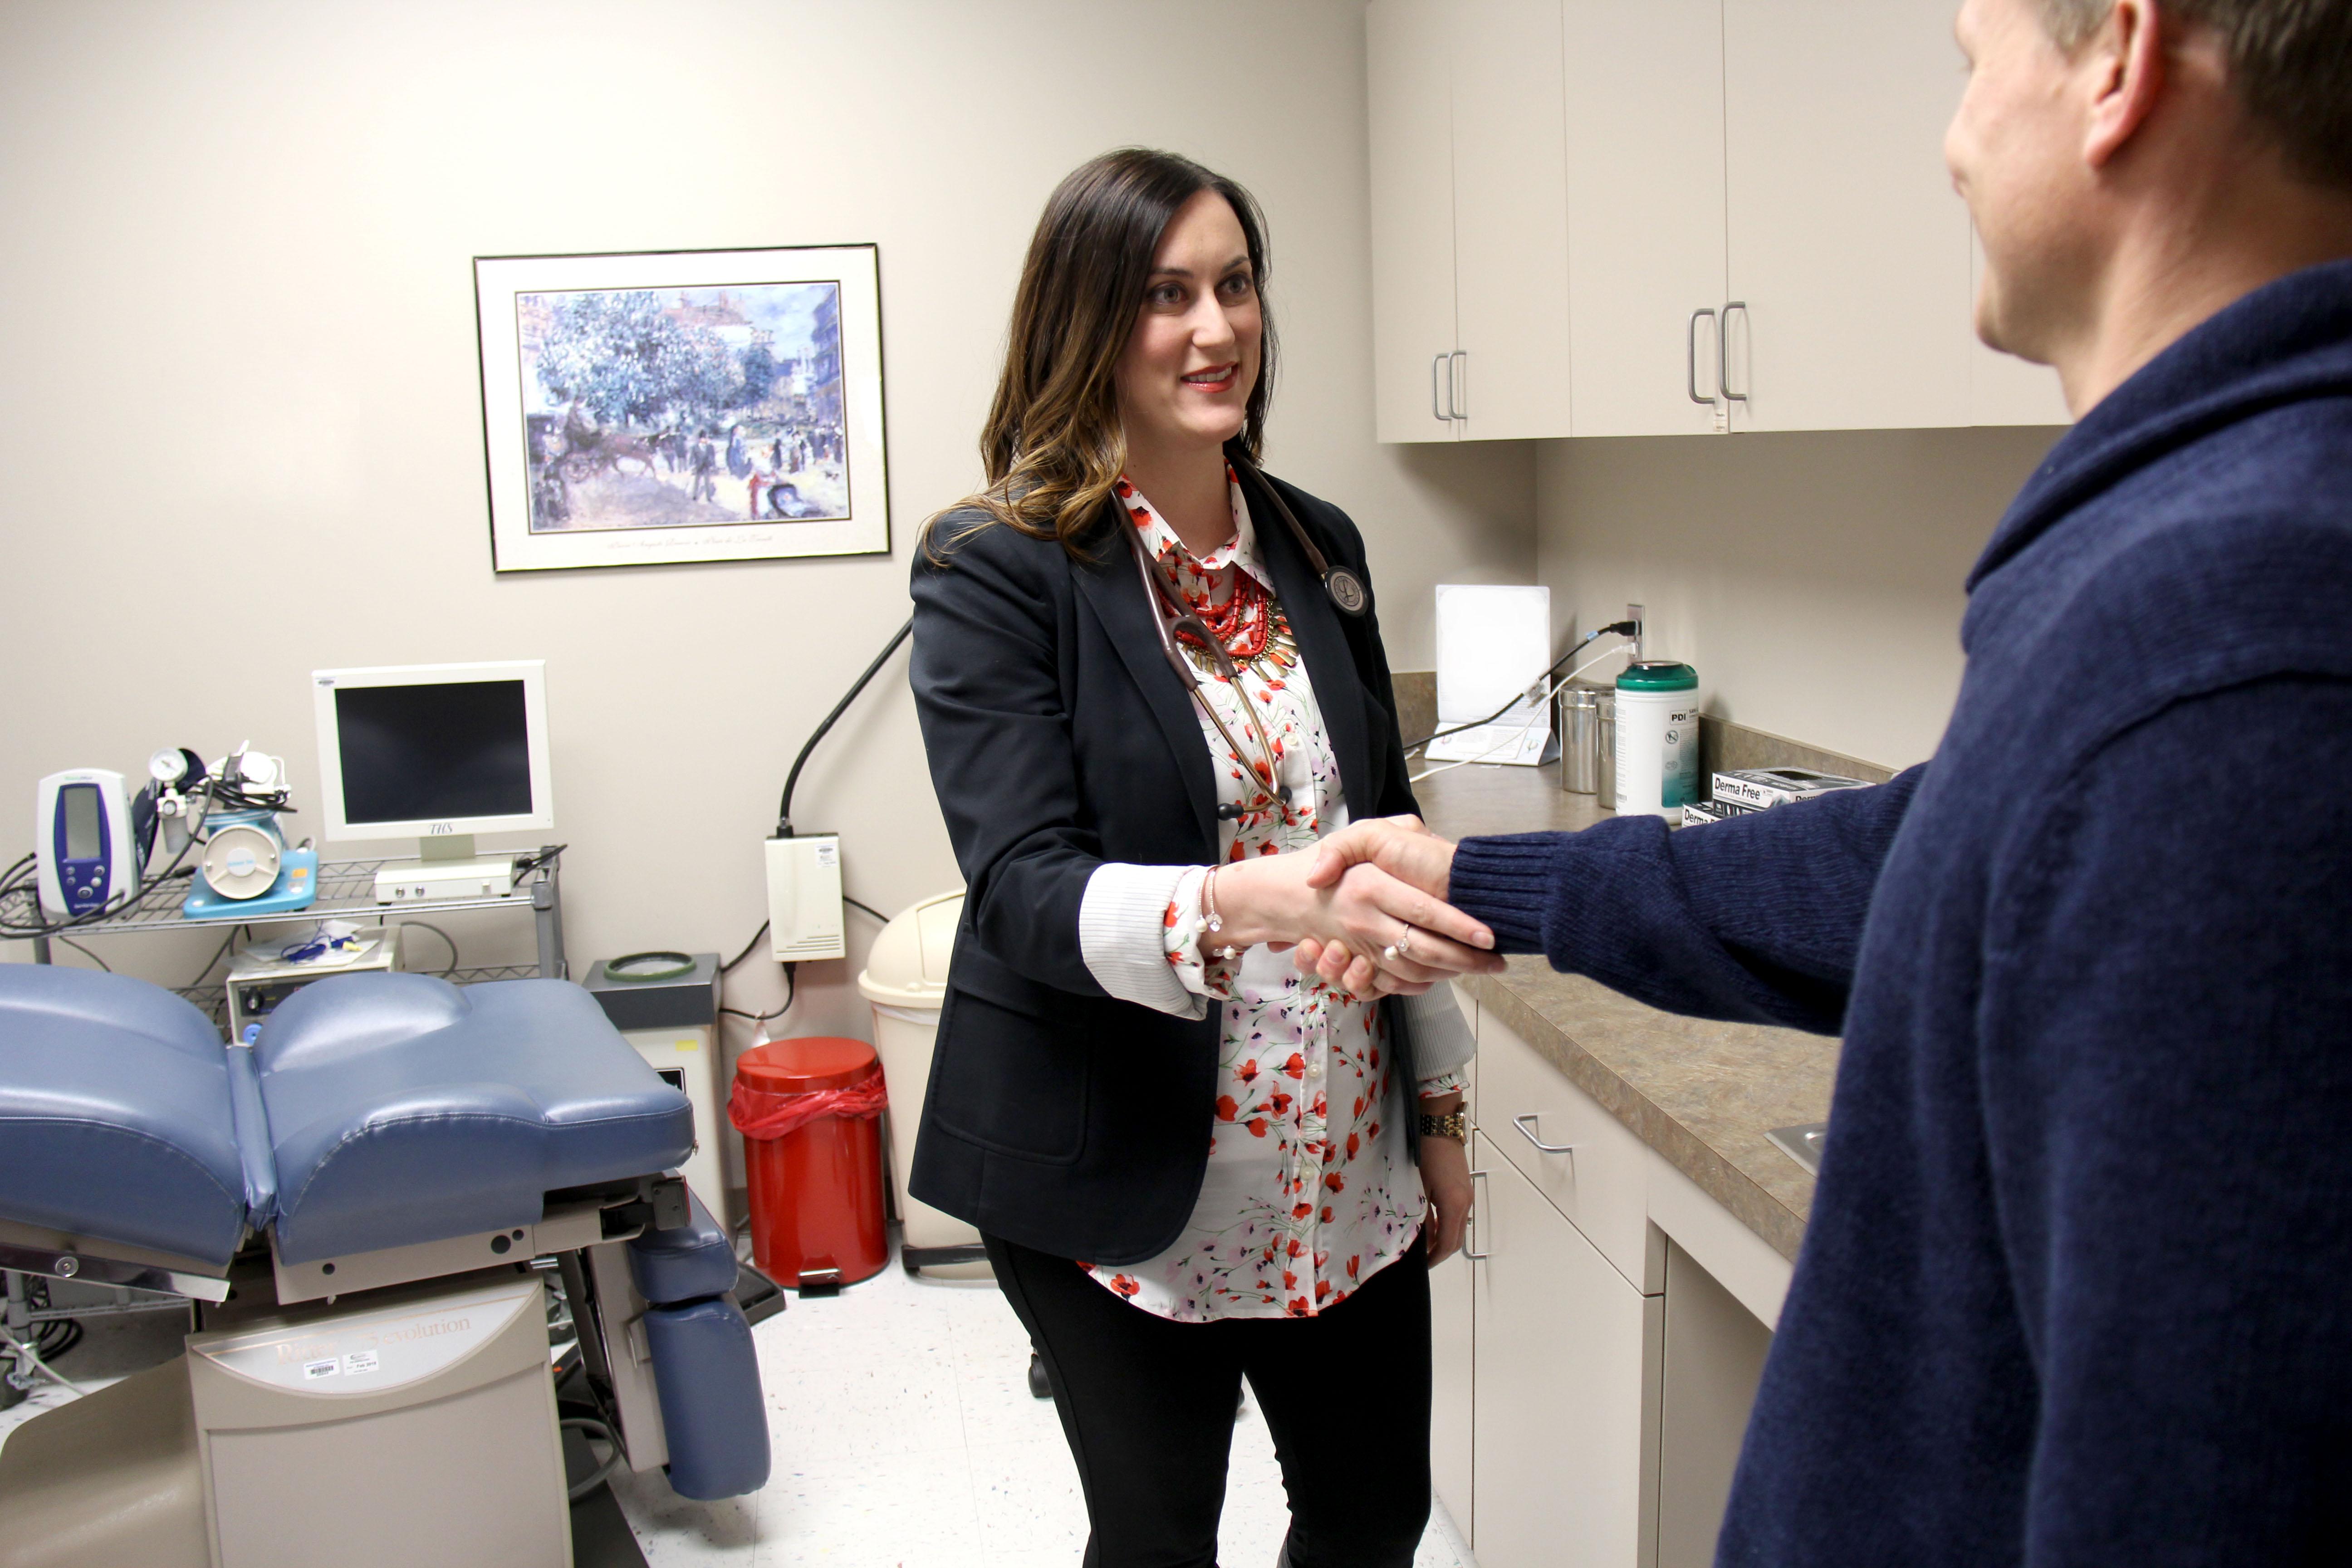 Dr. Steventon Greets Patient